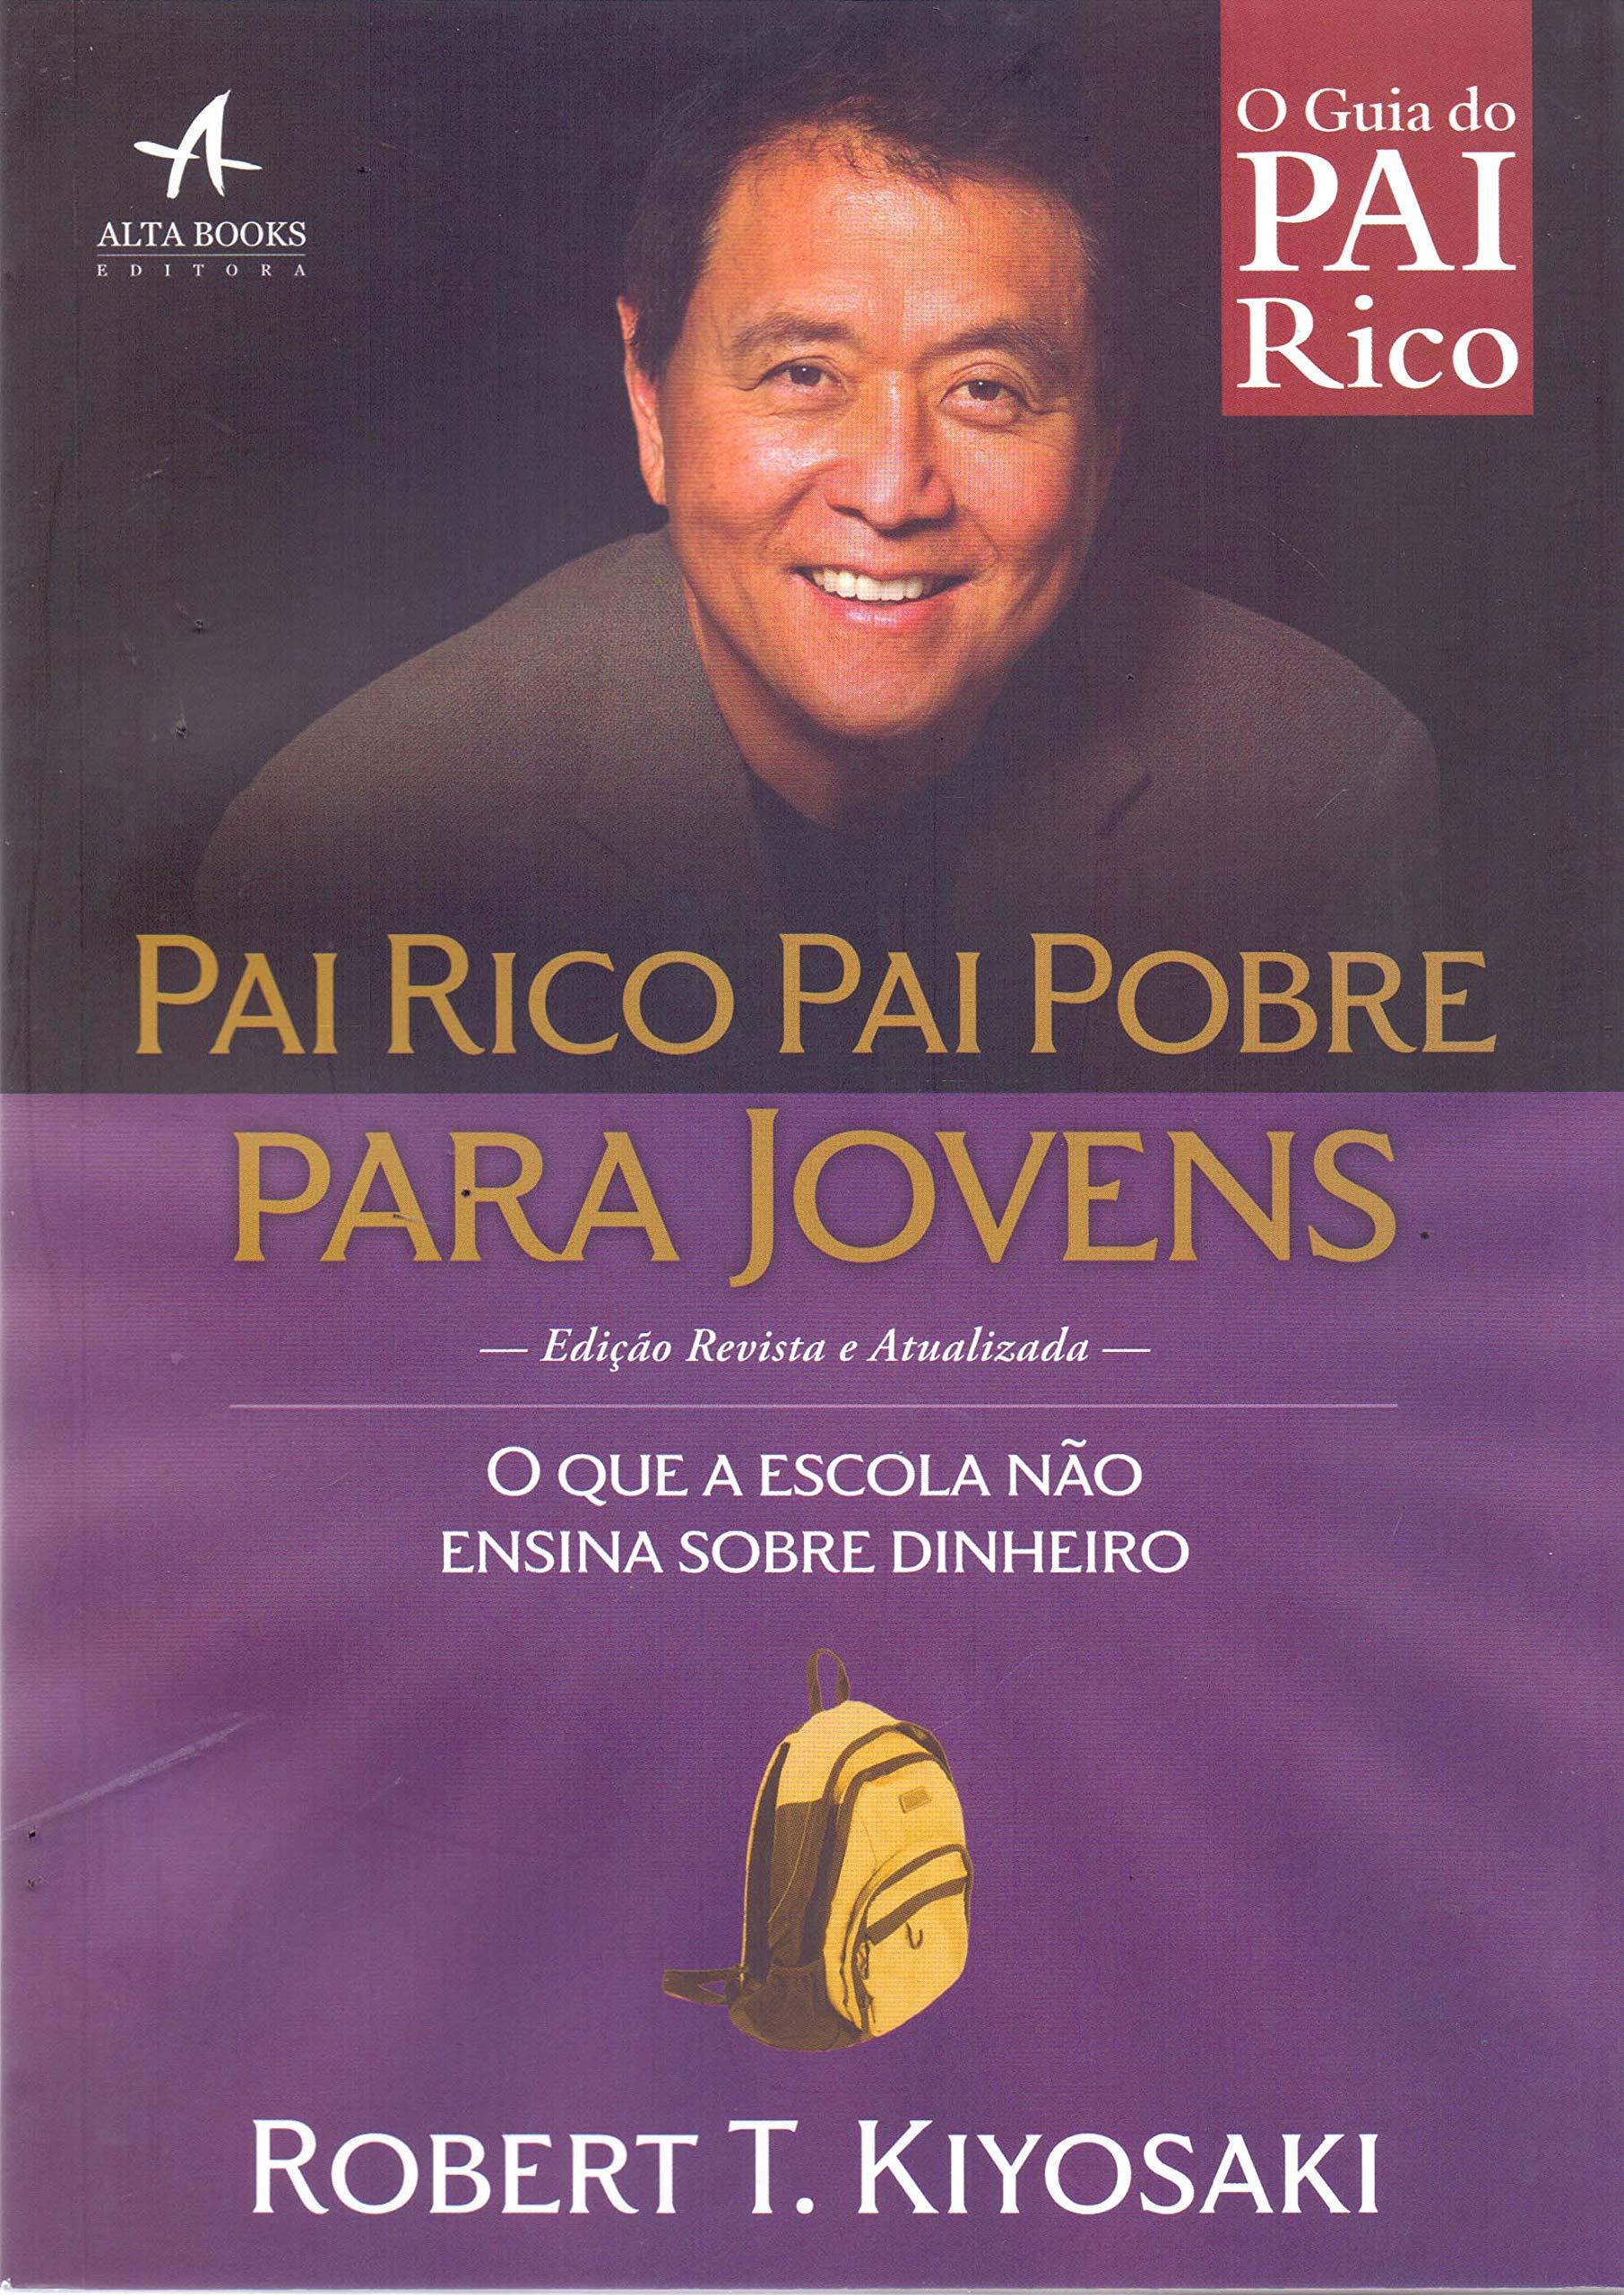 Pai Rico Pai Pobre Para Jovens O Que A Escola Nao Ensina Sobre Dinheiro 9788550801223 Amazon Com Books